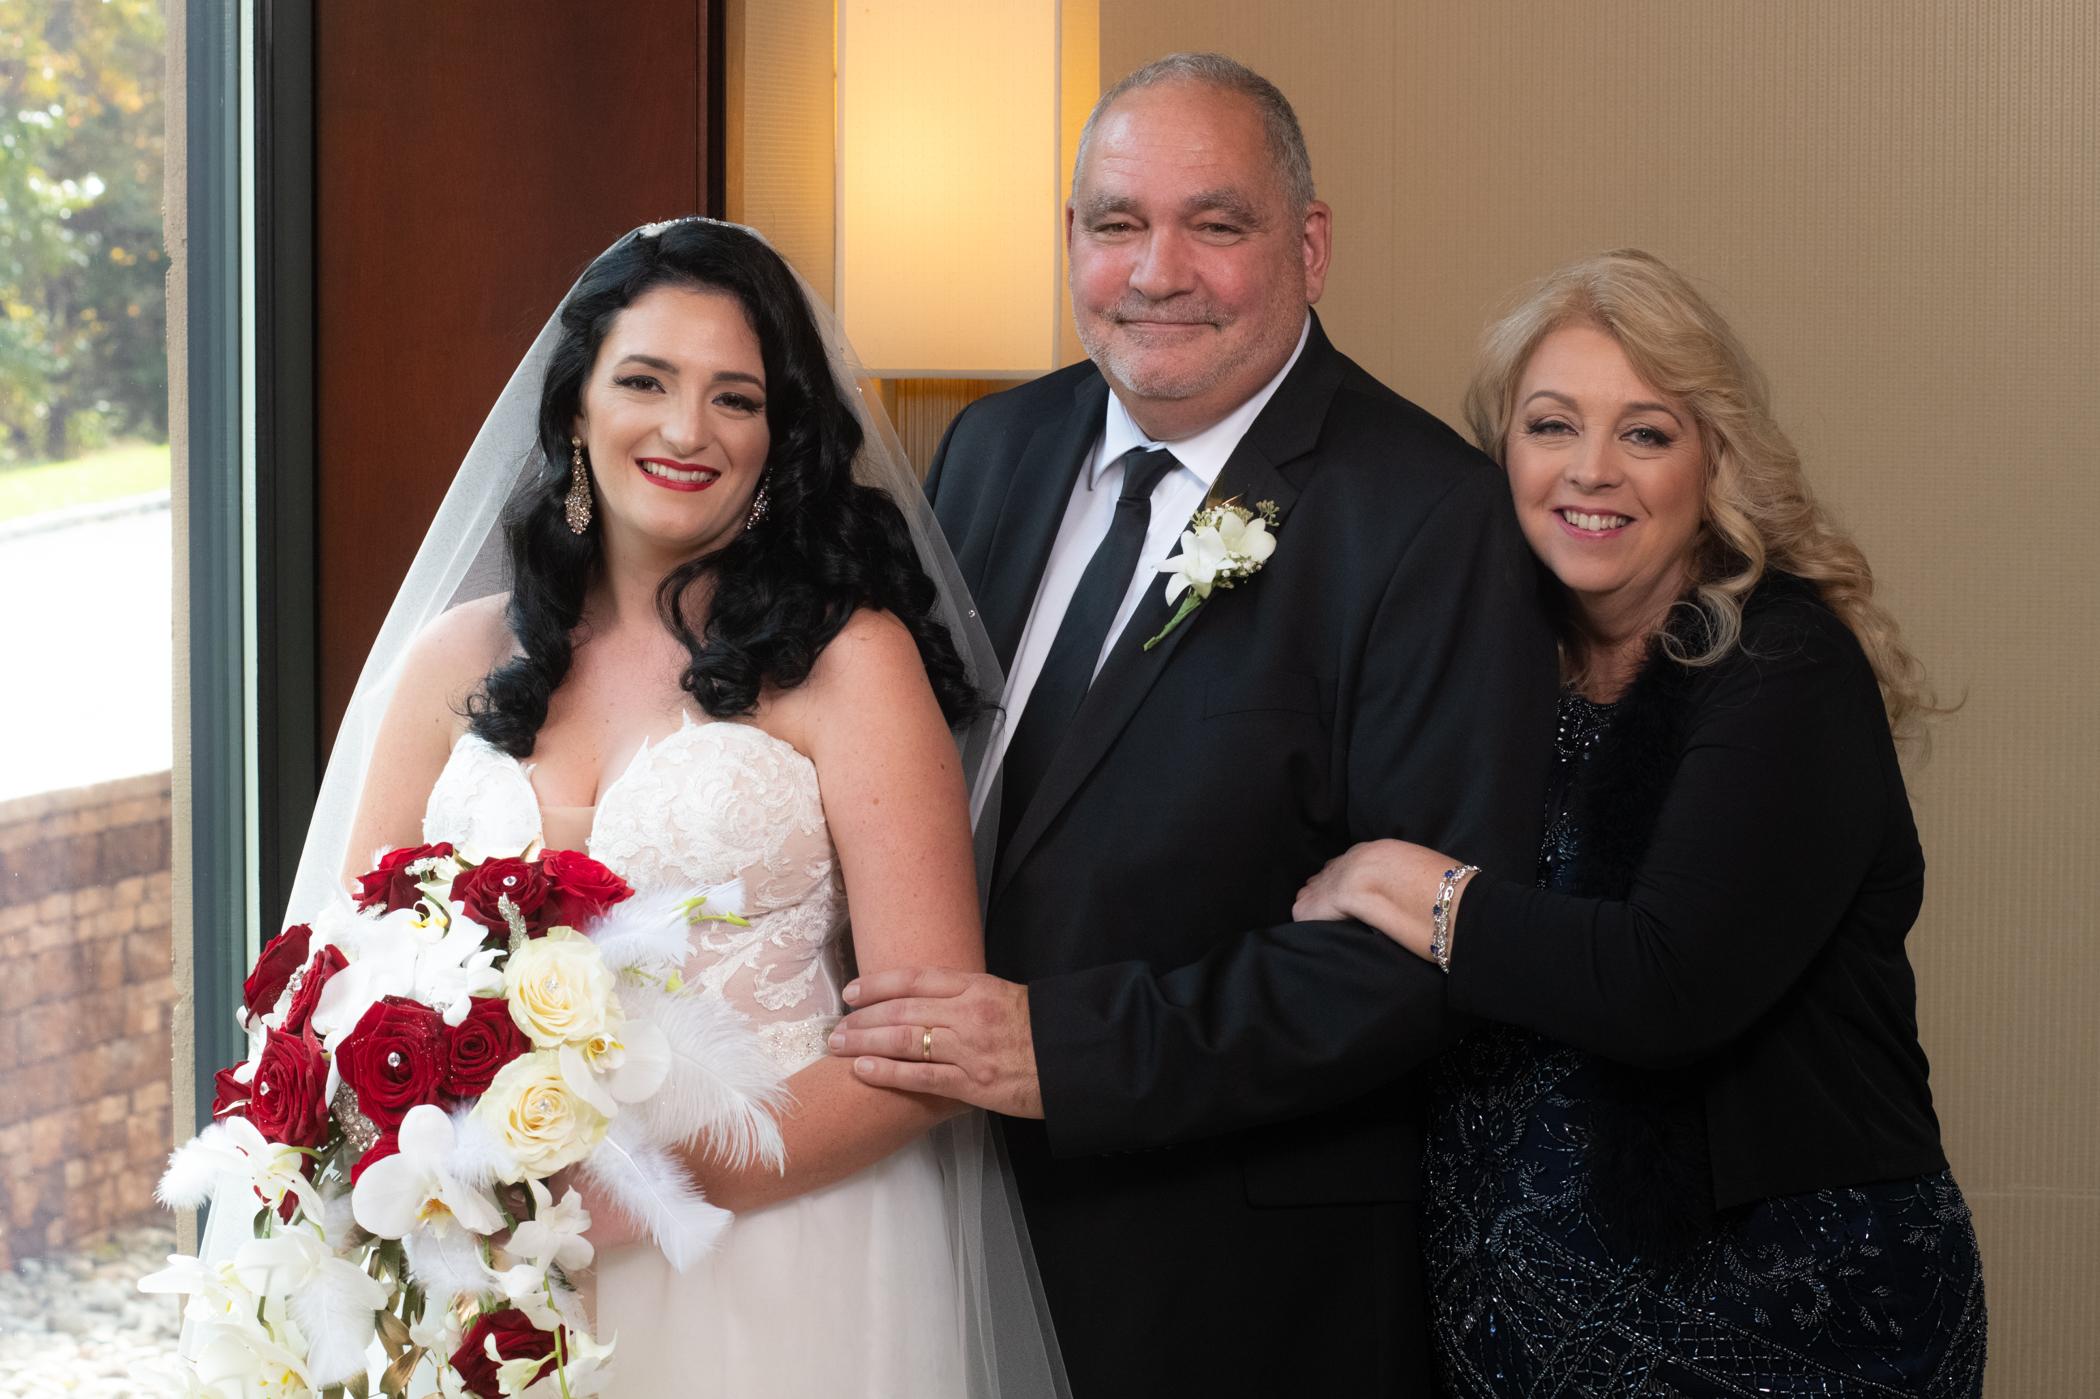 Petrellese Family NJ Wedding Pros